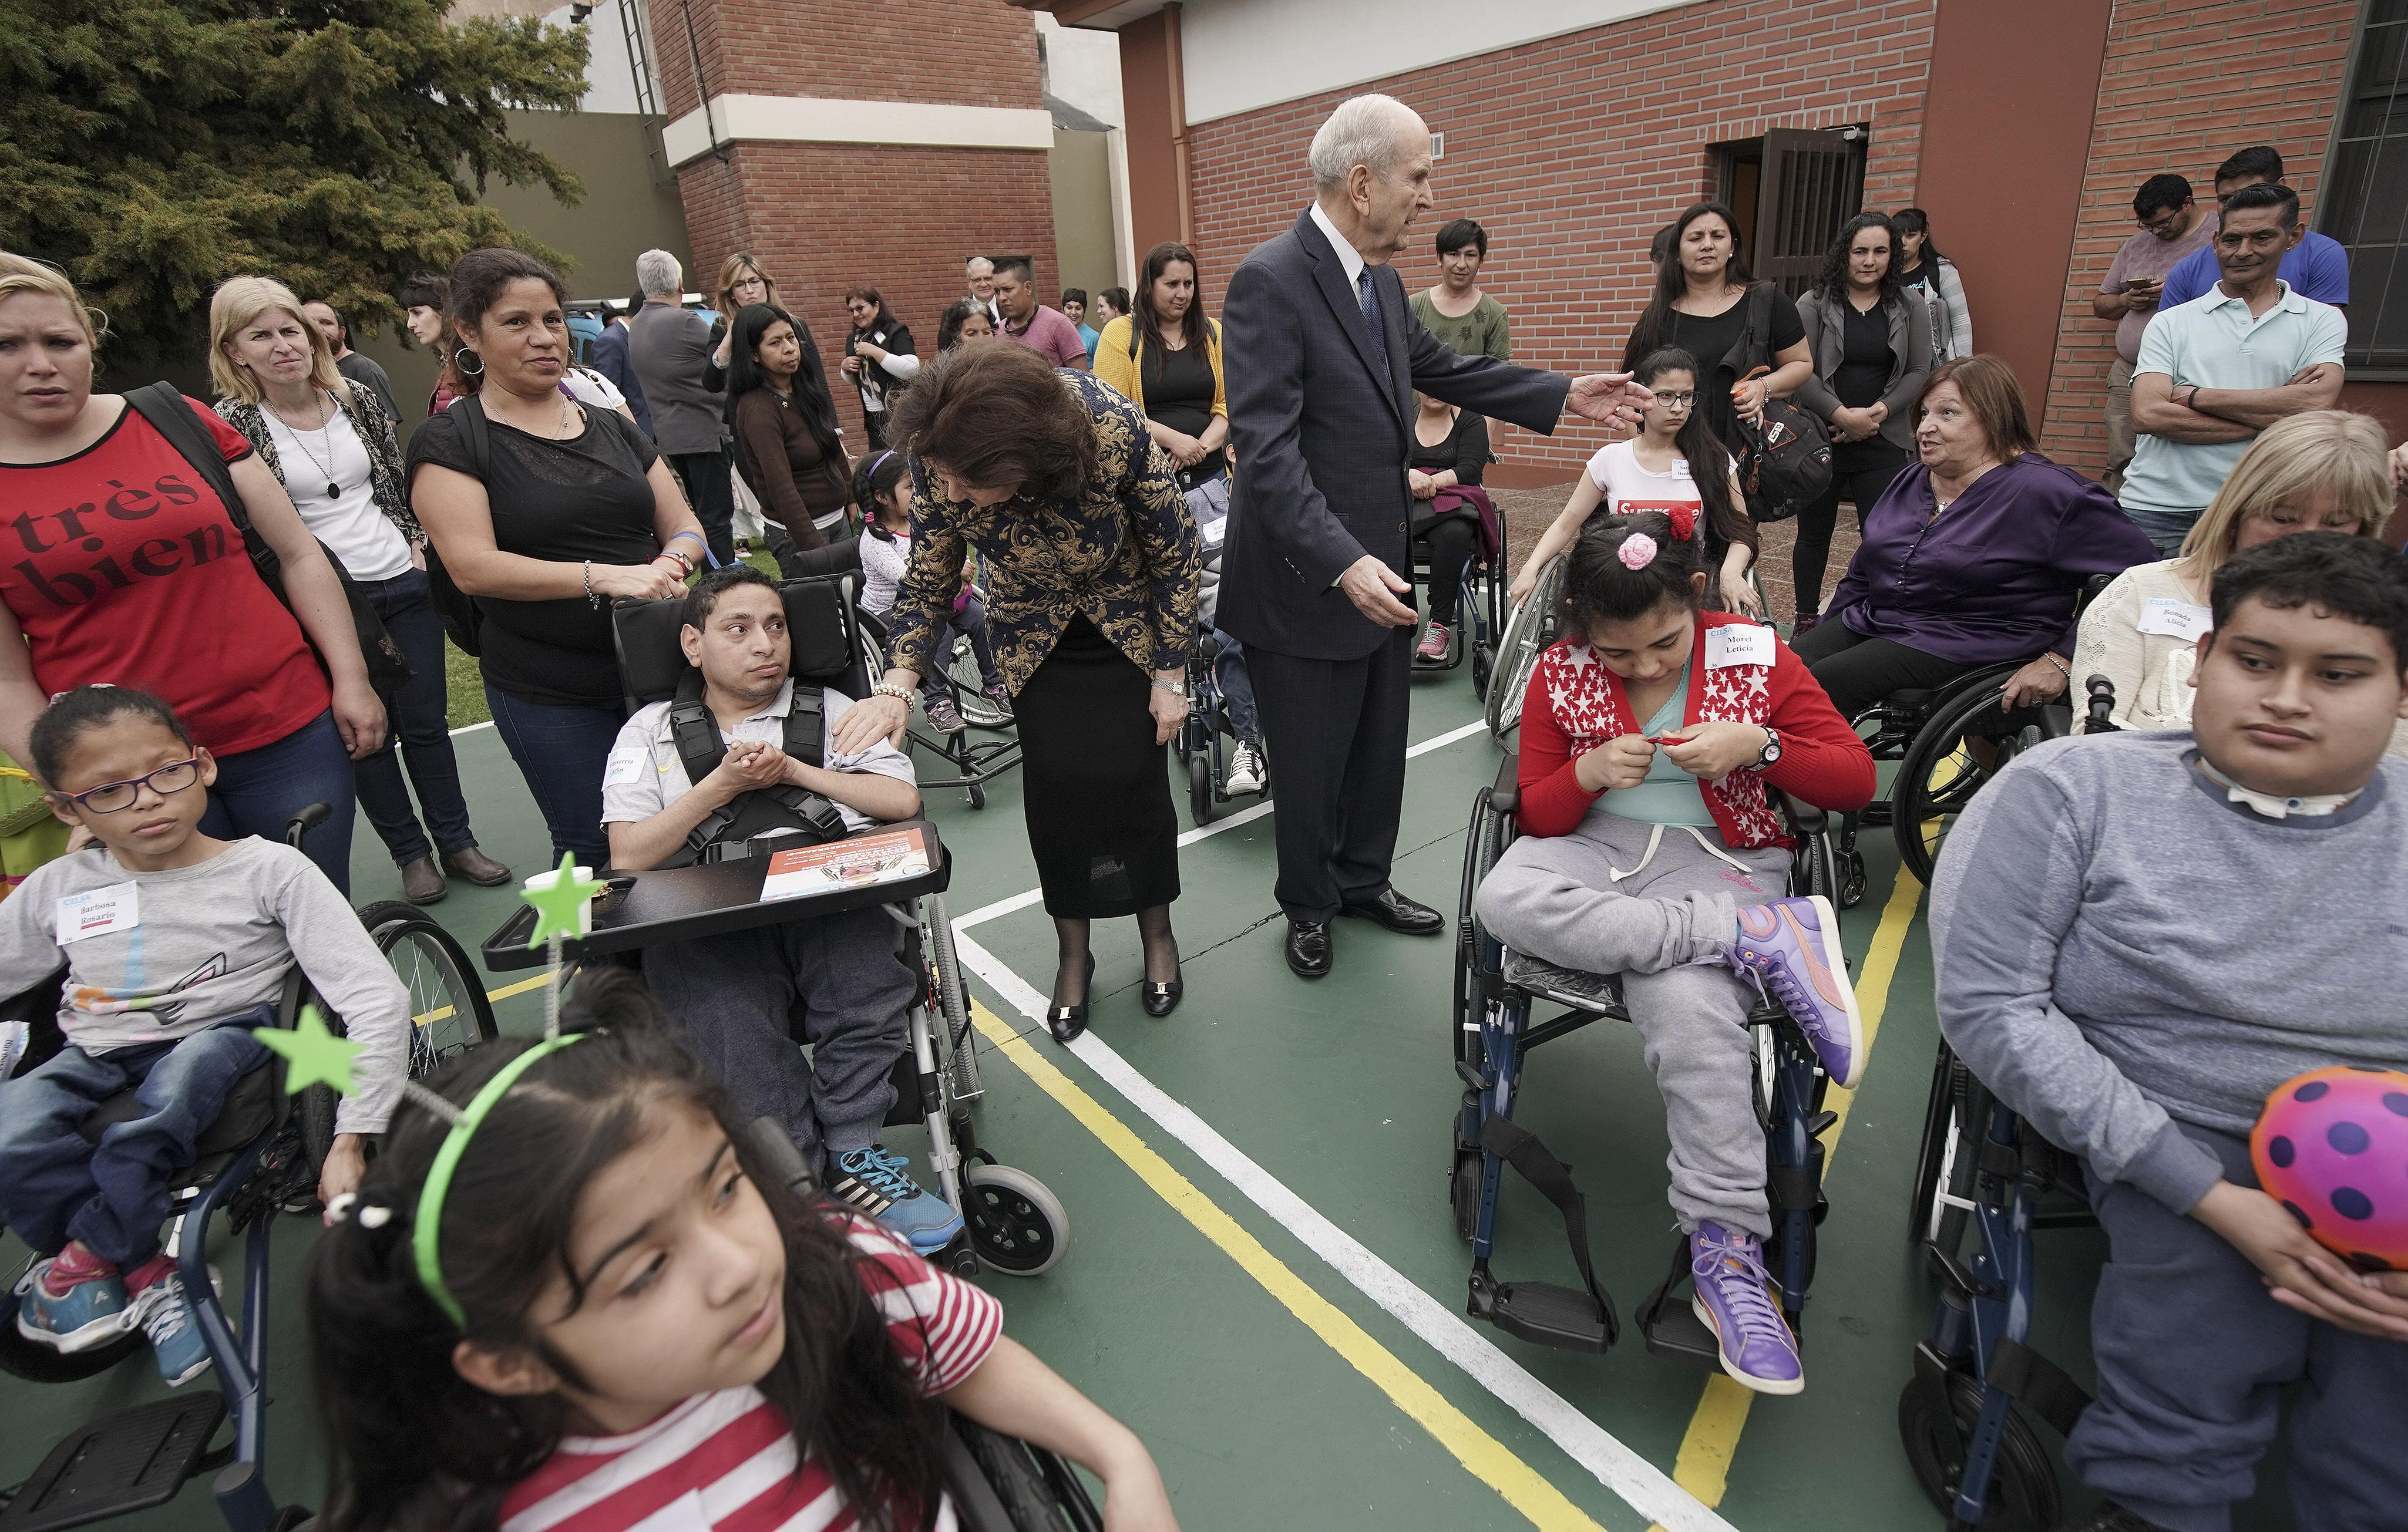 El presidente Russell M. Nelson, de La Iglesia de Jesucristo de los Santos de los Últimos Días, y su esposa, la hermana Wendy Nelson, posan con los beneficiarios de unas sillas de ruedas luego de que Latter-day Saint Charities donara las sillas de ruedas en Buenos Aires, Argentina, el miércoles 28 de agosto de 2019.